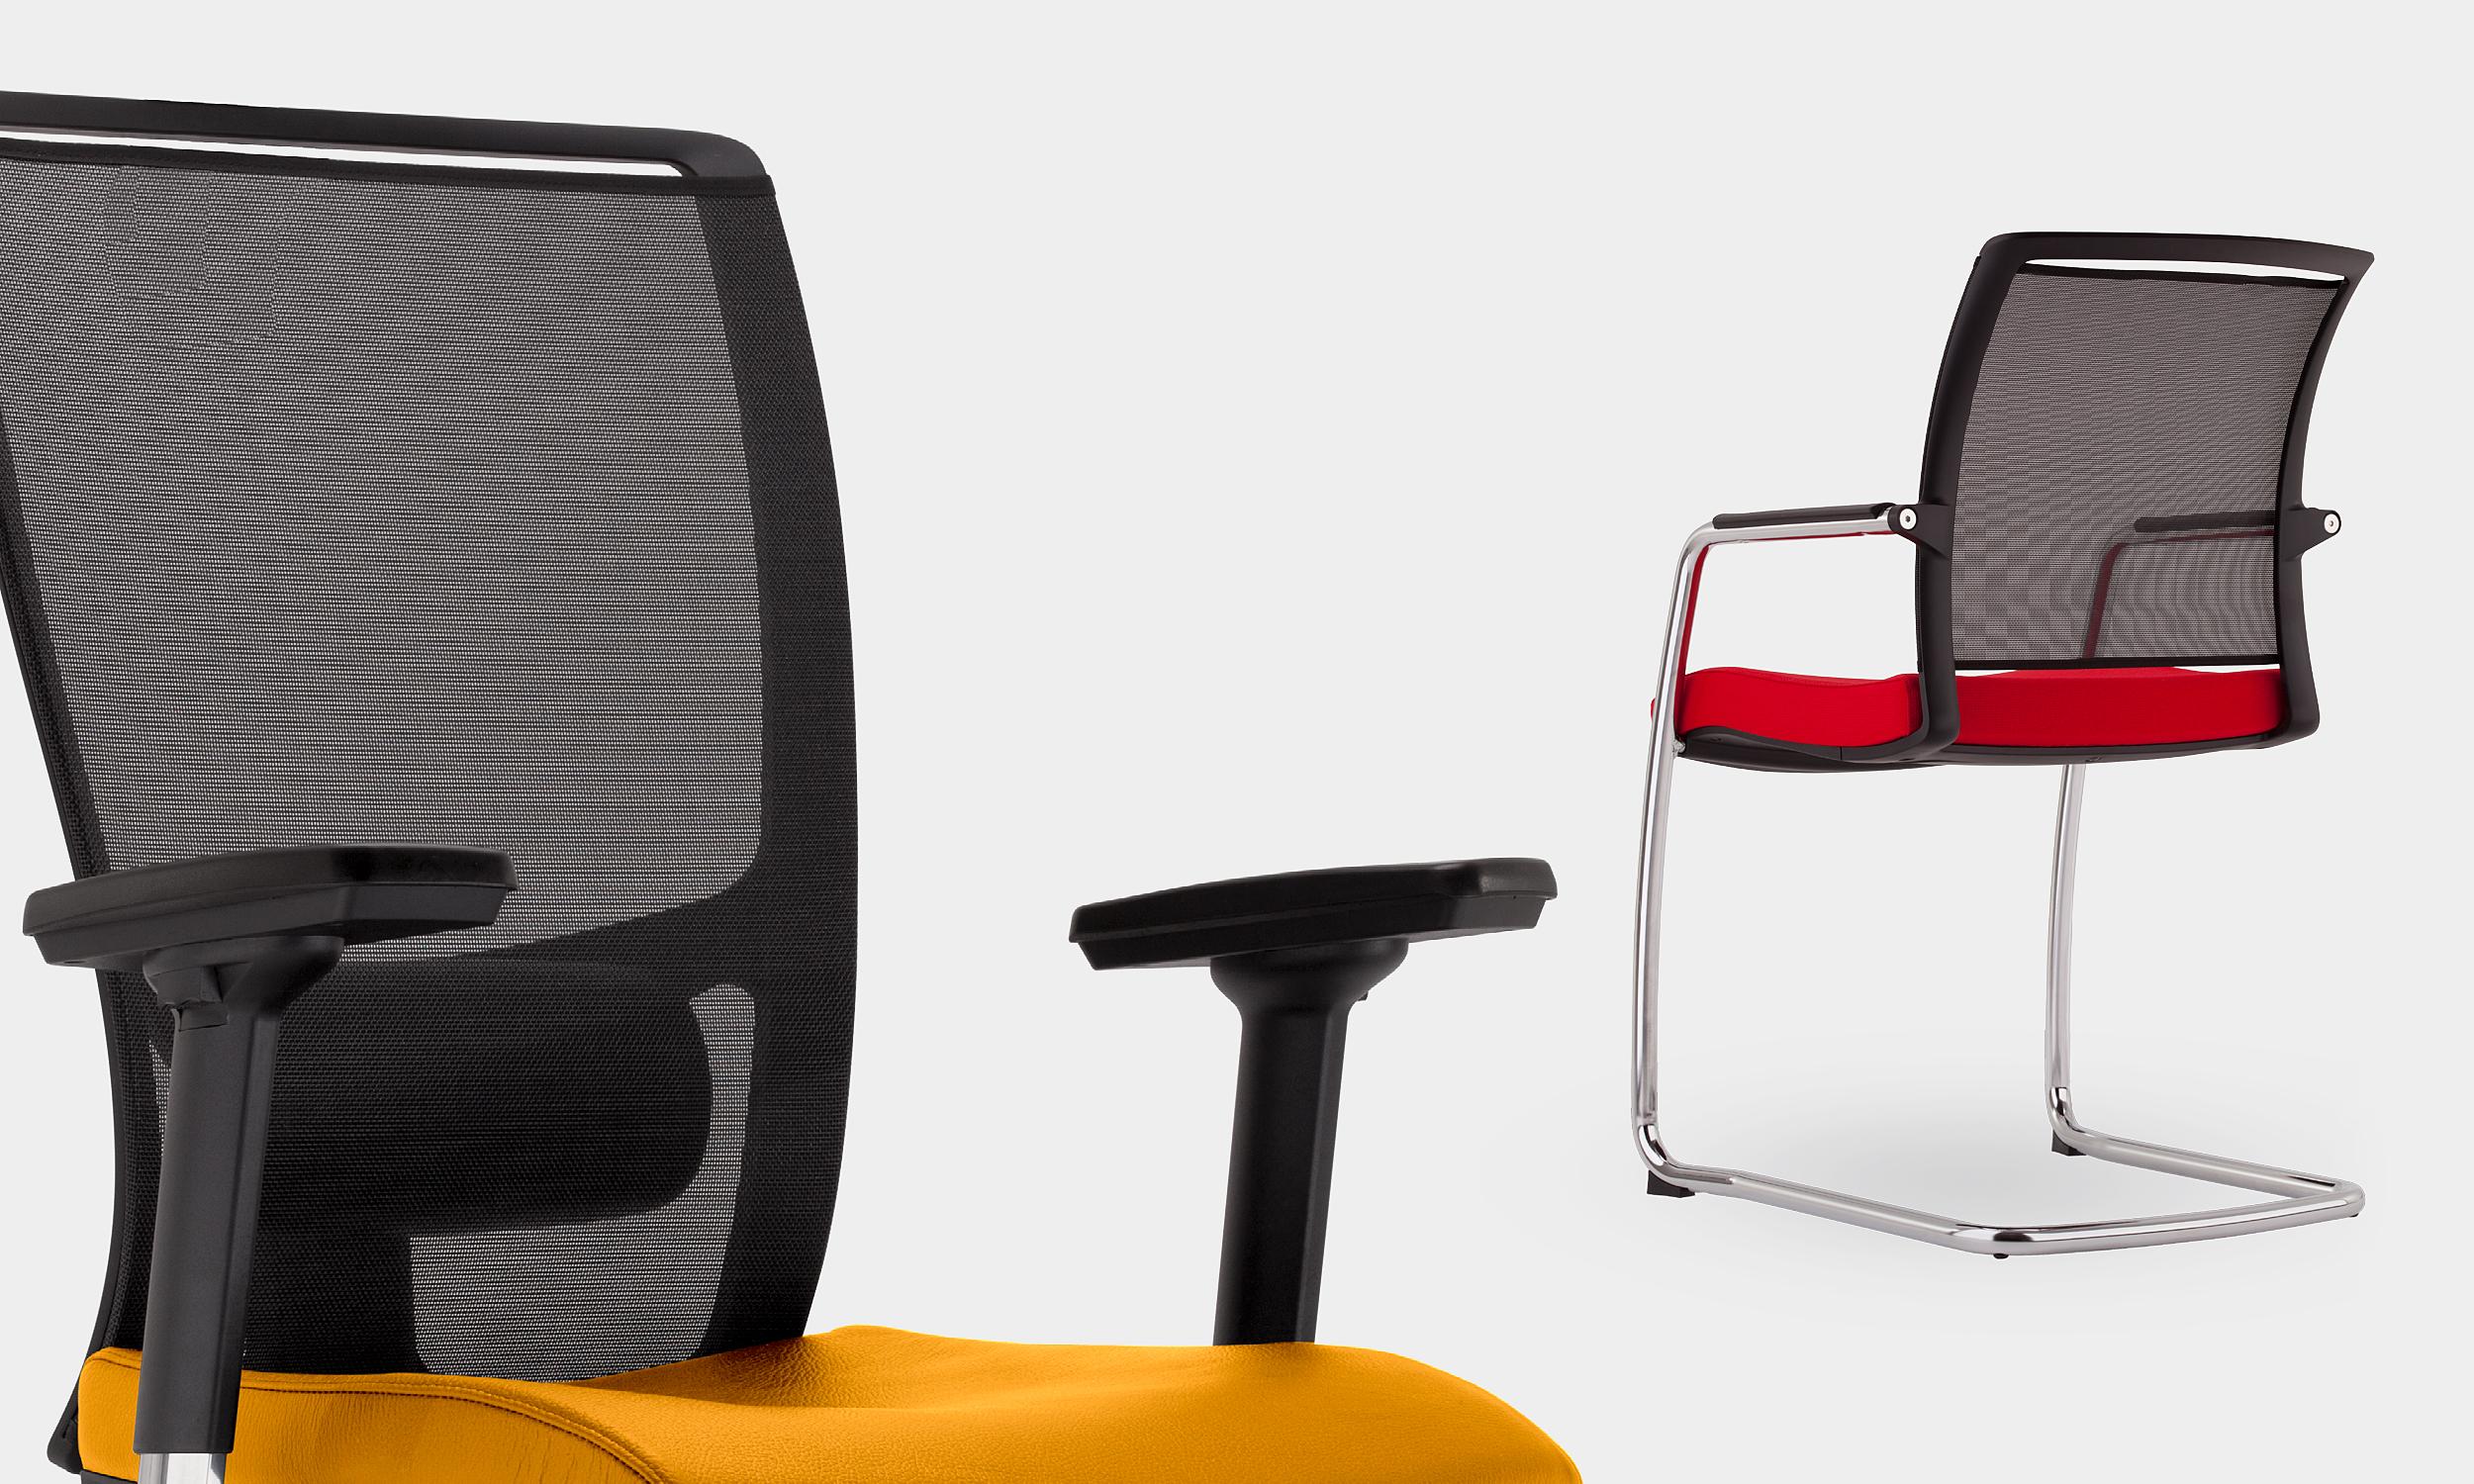 krzesło_Z-body02